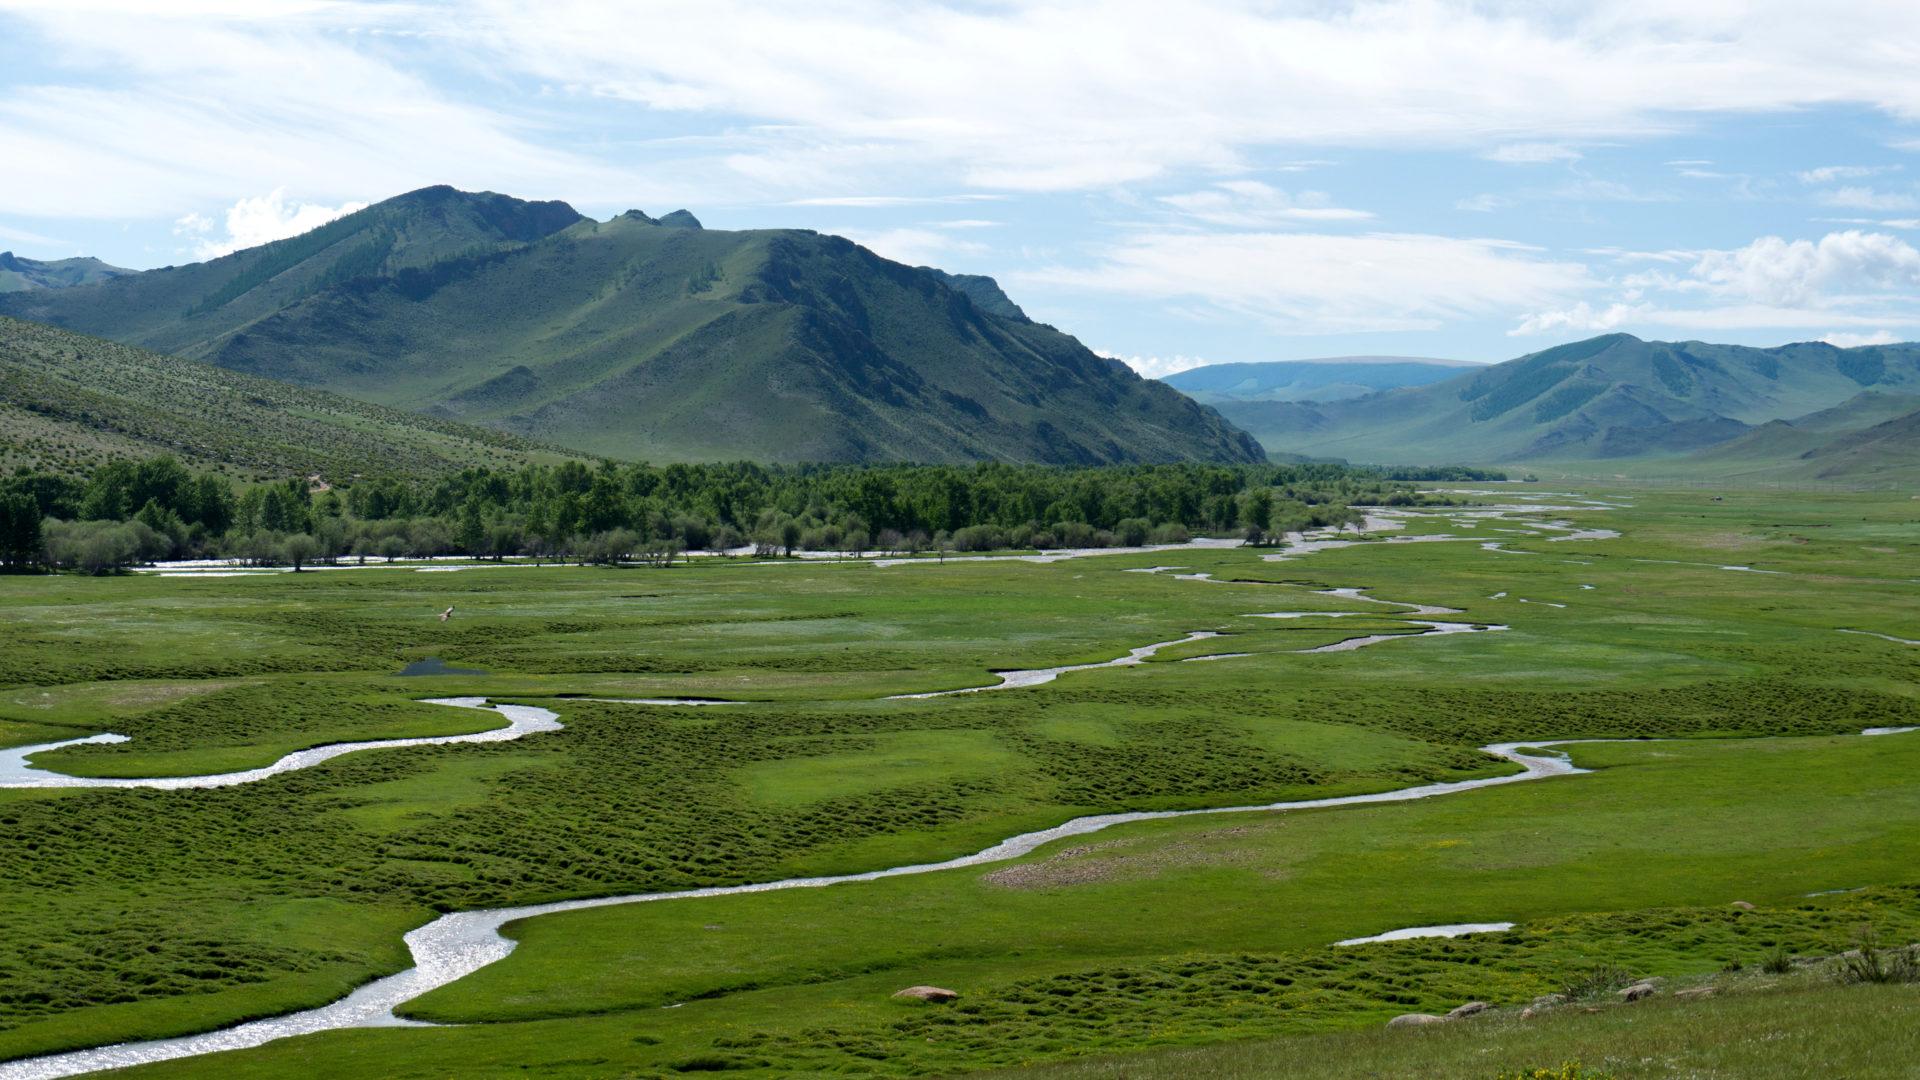 Mongolei-Reise: Paradies im Westen, Nordwesten der Mongolei